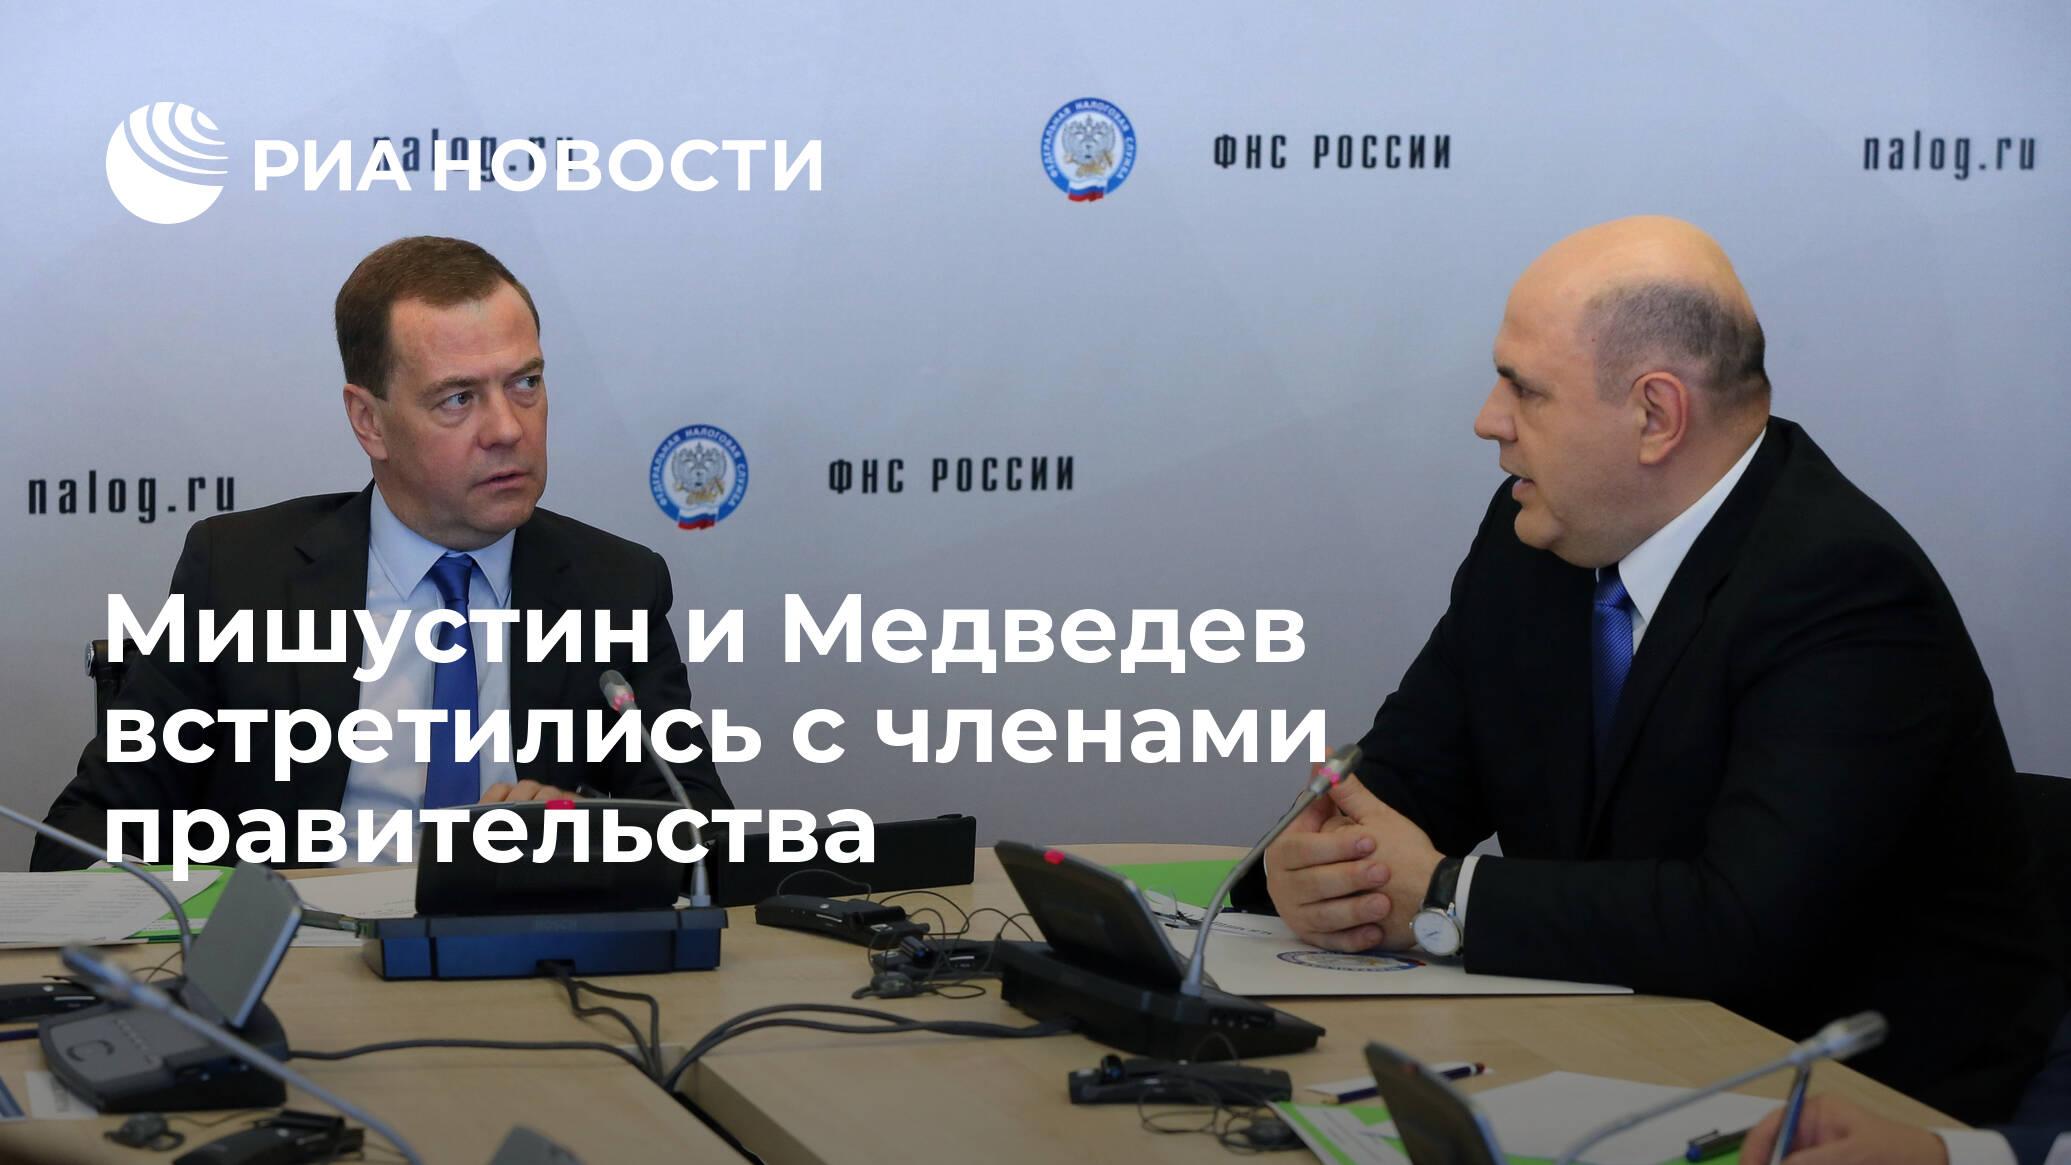 Мишустин и Медведев встретились с членами правительства